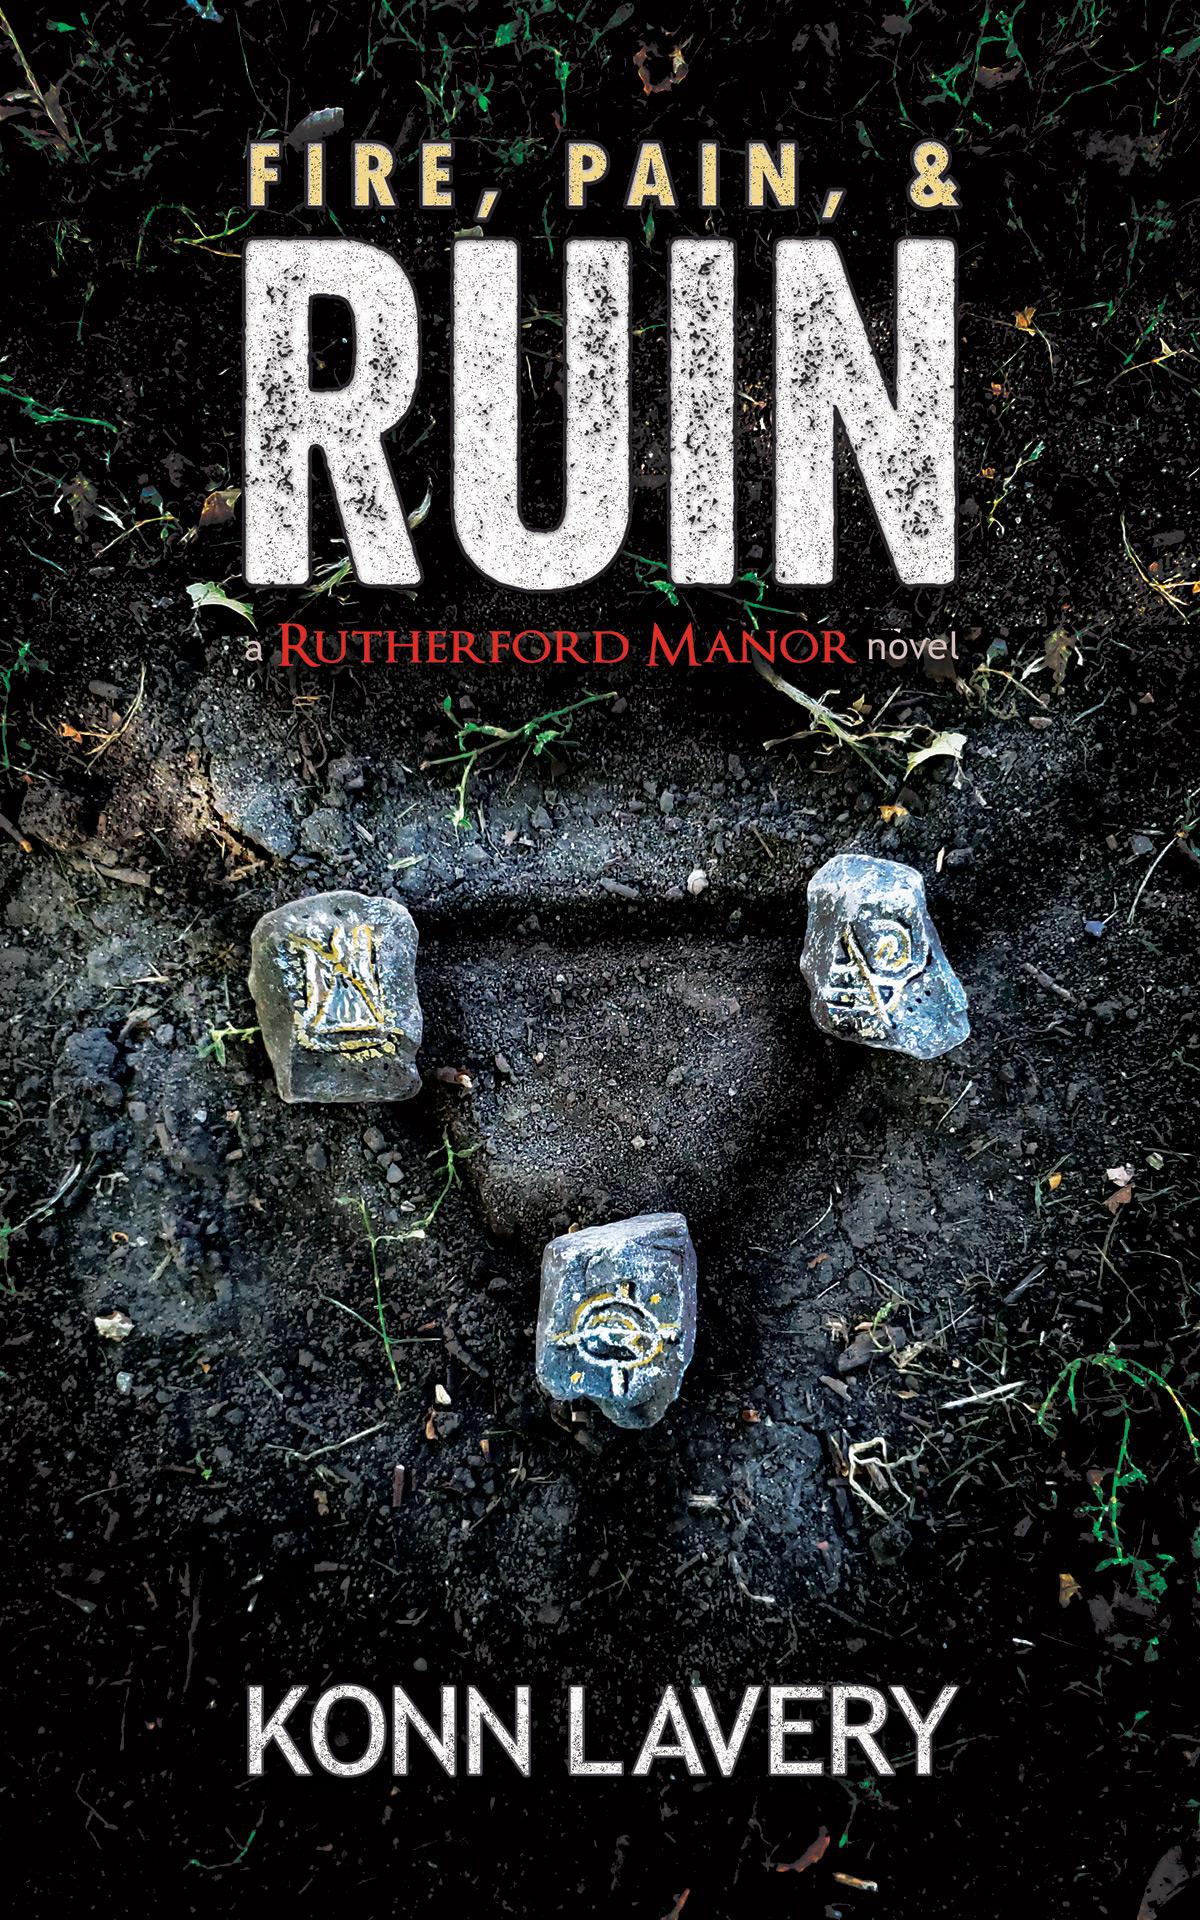 Fire, Pain, & Ruin by Konn Lavery